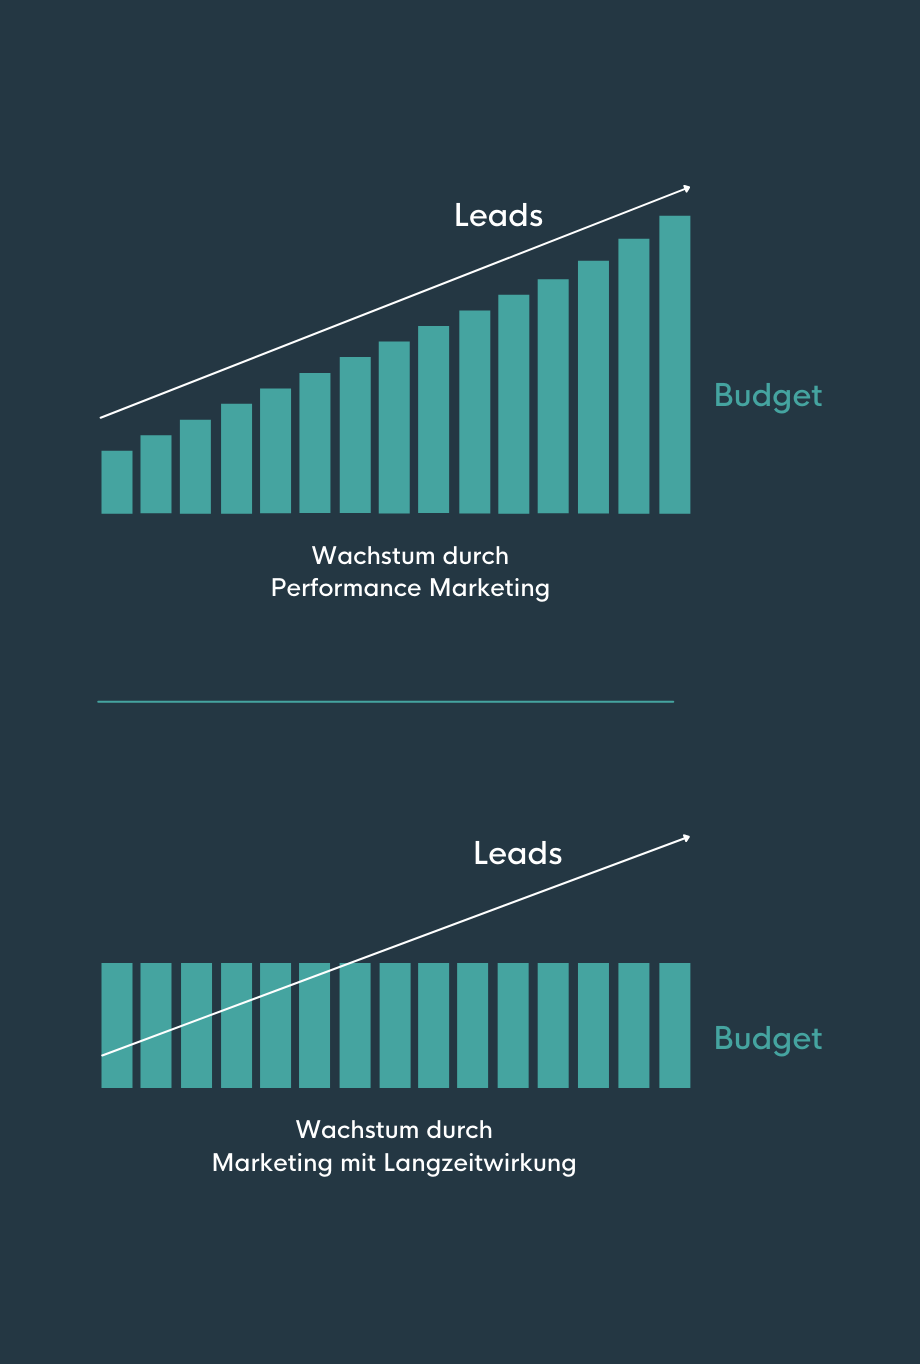 zwei Grafiken zum Vergleich von ROI bei Performance Marketing und Marketing mit Langzeitwirkung